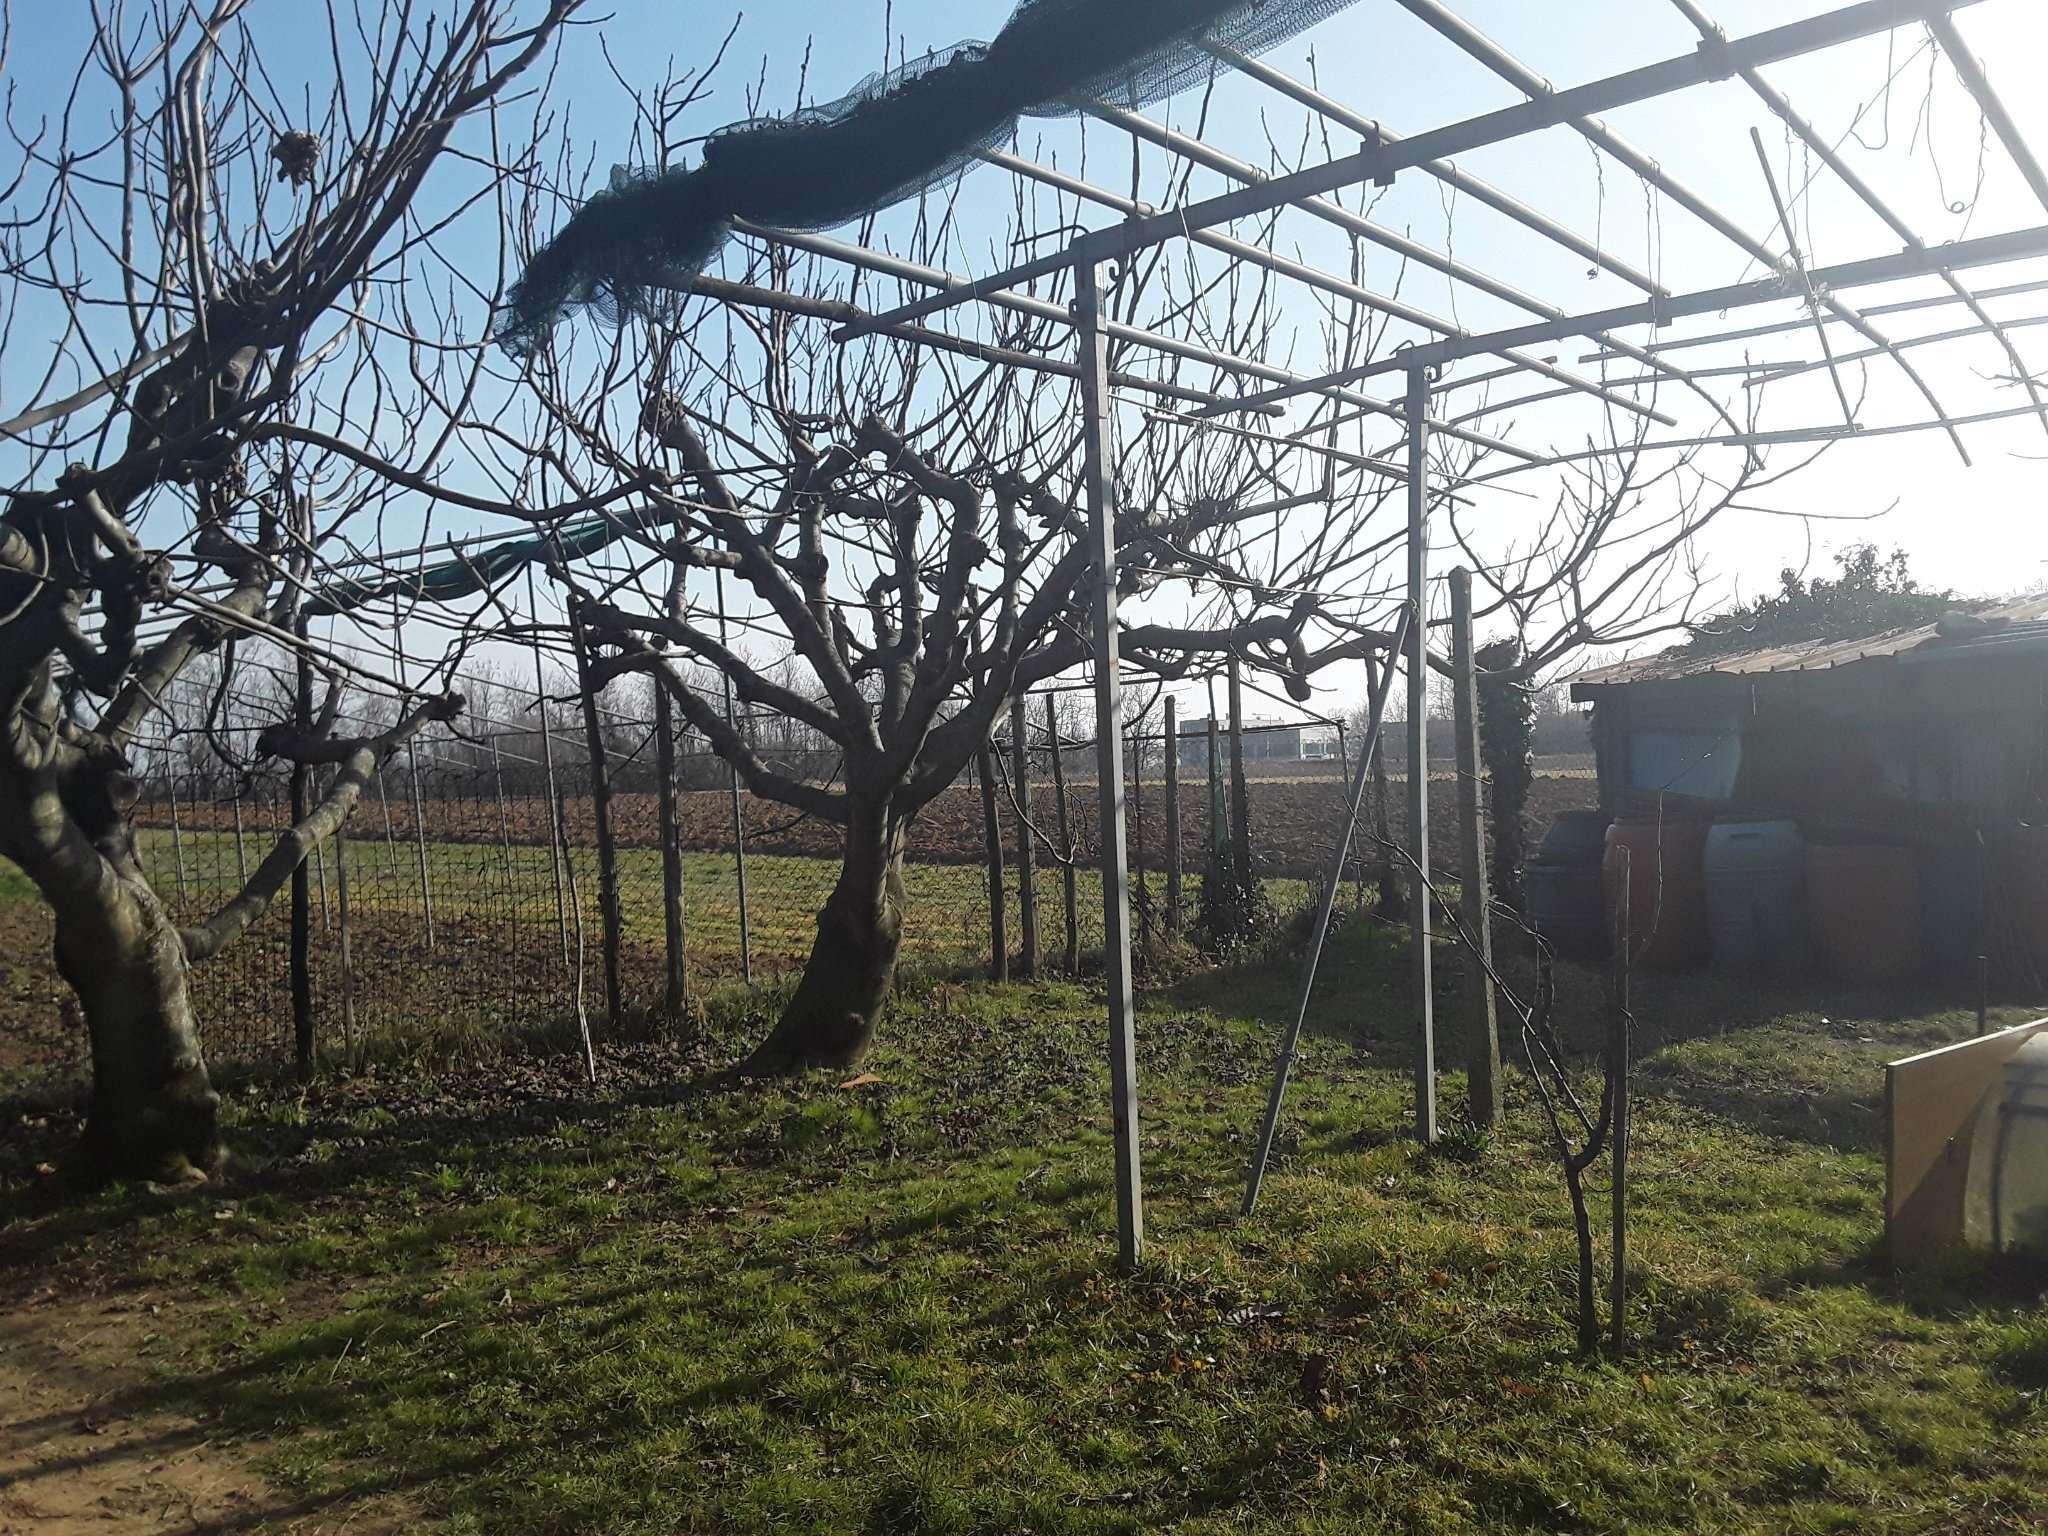 Terreno Agricolo in vendita a Alpignano, 1 locali, prezzo € 18.000 | PortaleAgenzieImmobiliari.it